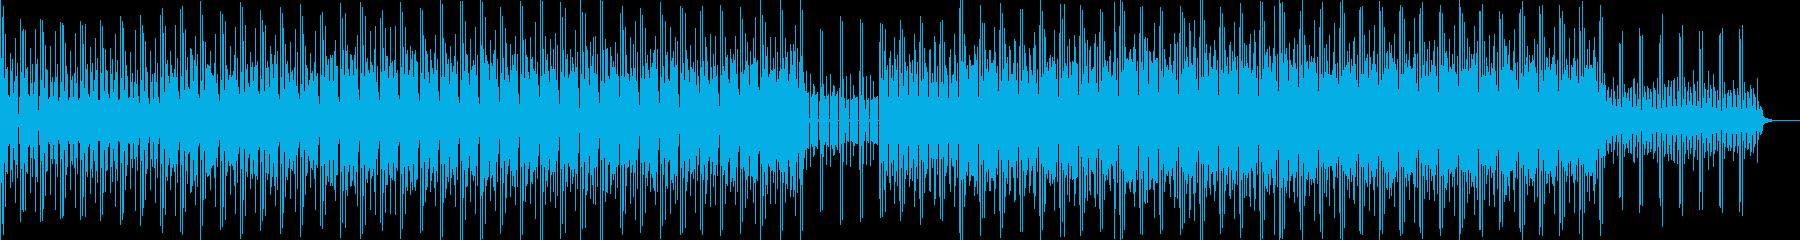 ニュース映像ナレーションバック向け-09の再生済みの波形